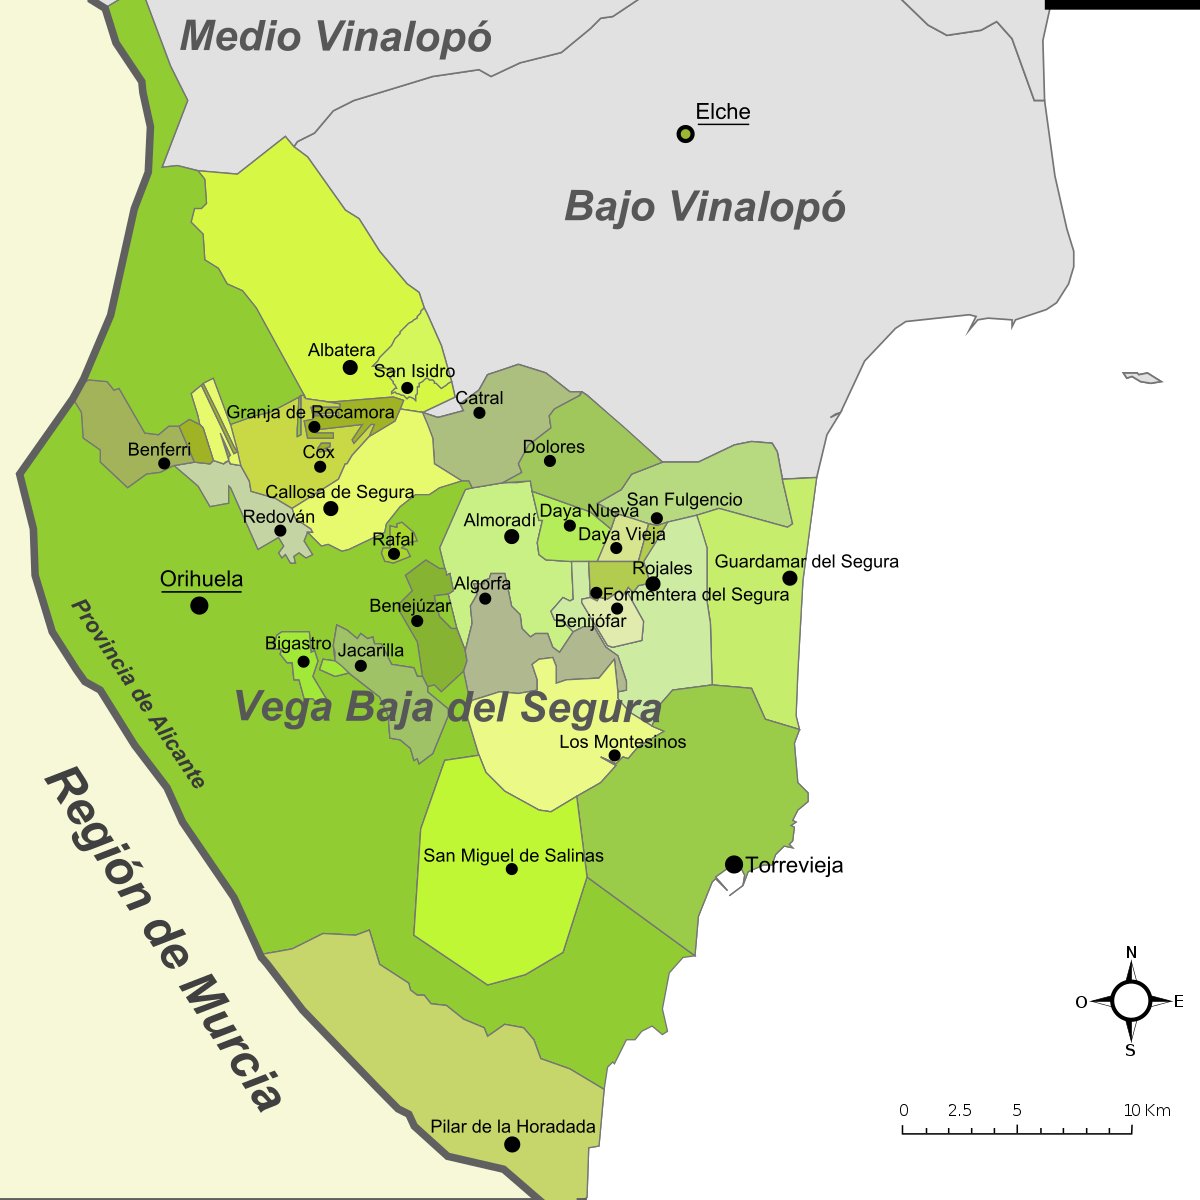 1200px-Mapa_de_la_Vega_Baja_del_Segura.svg